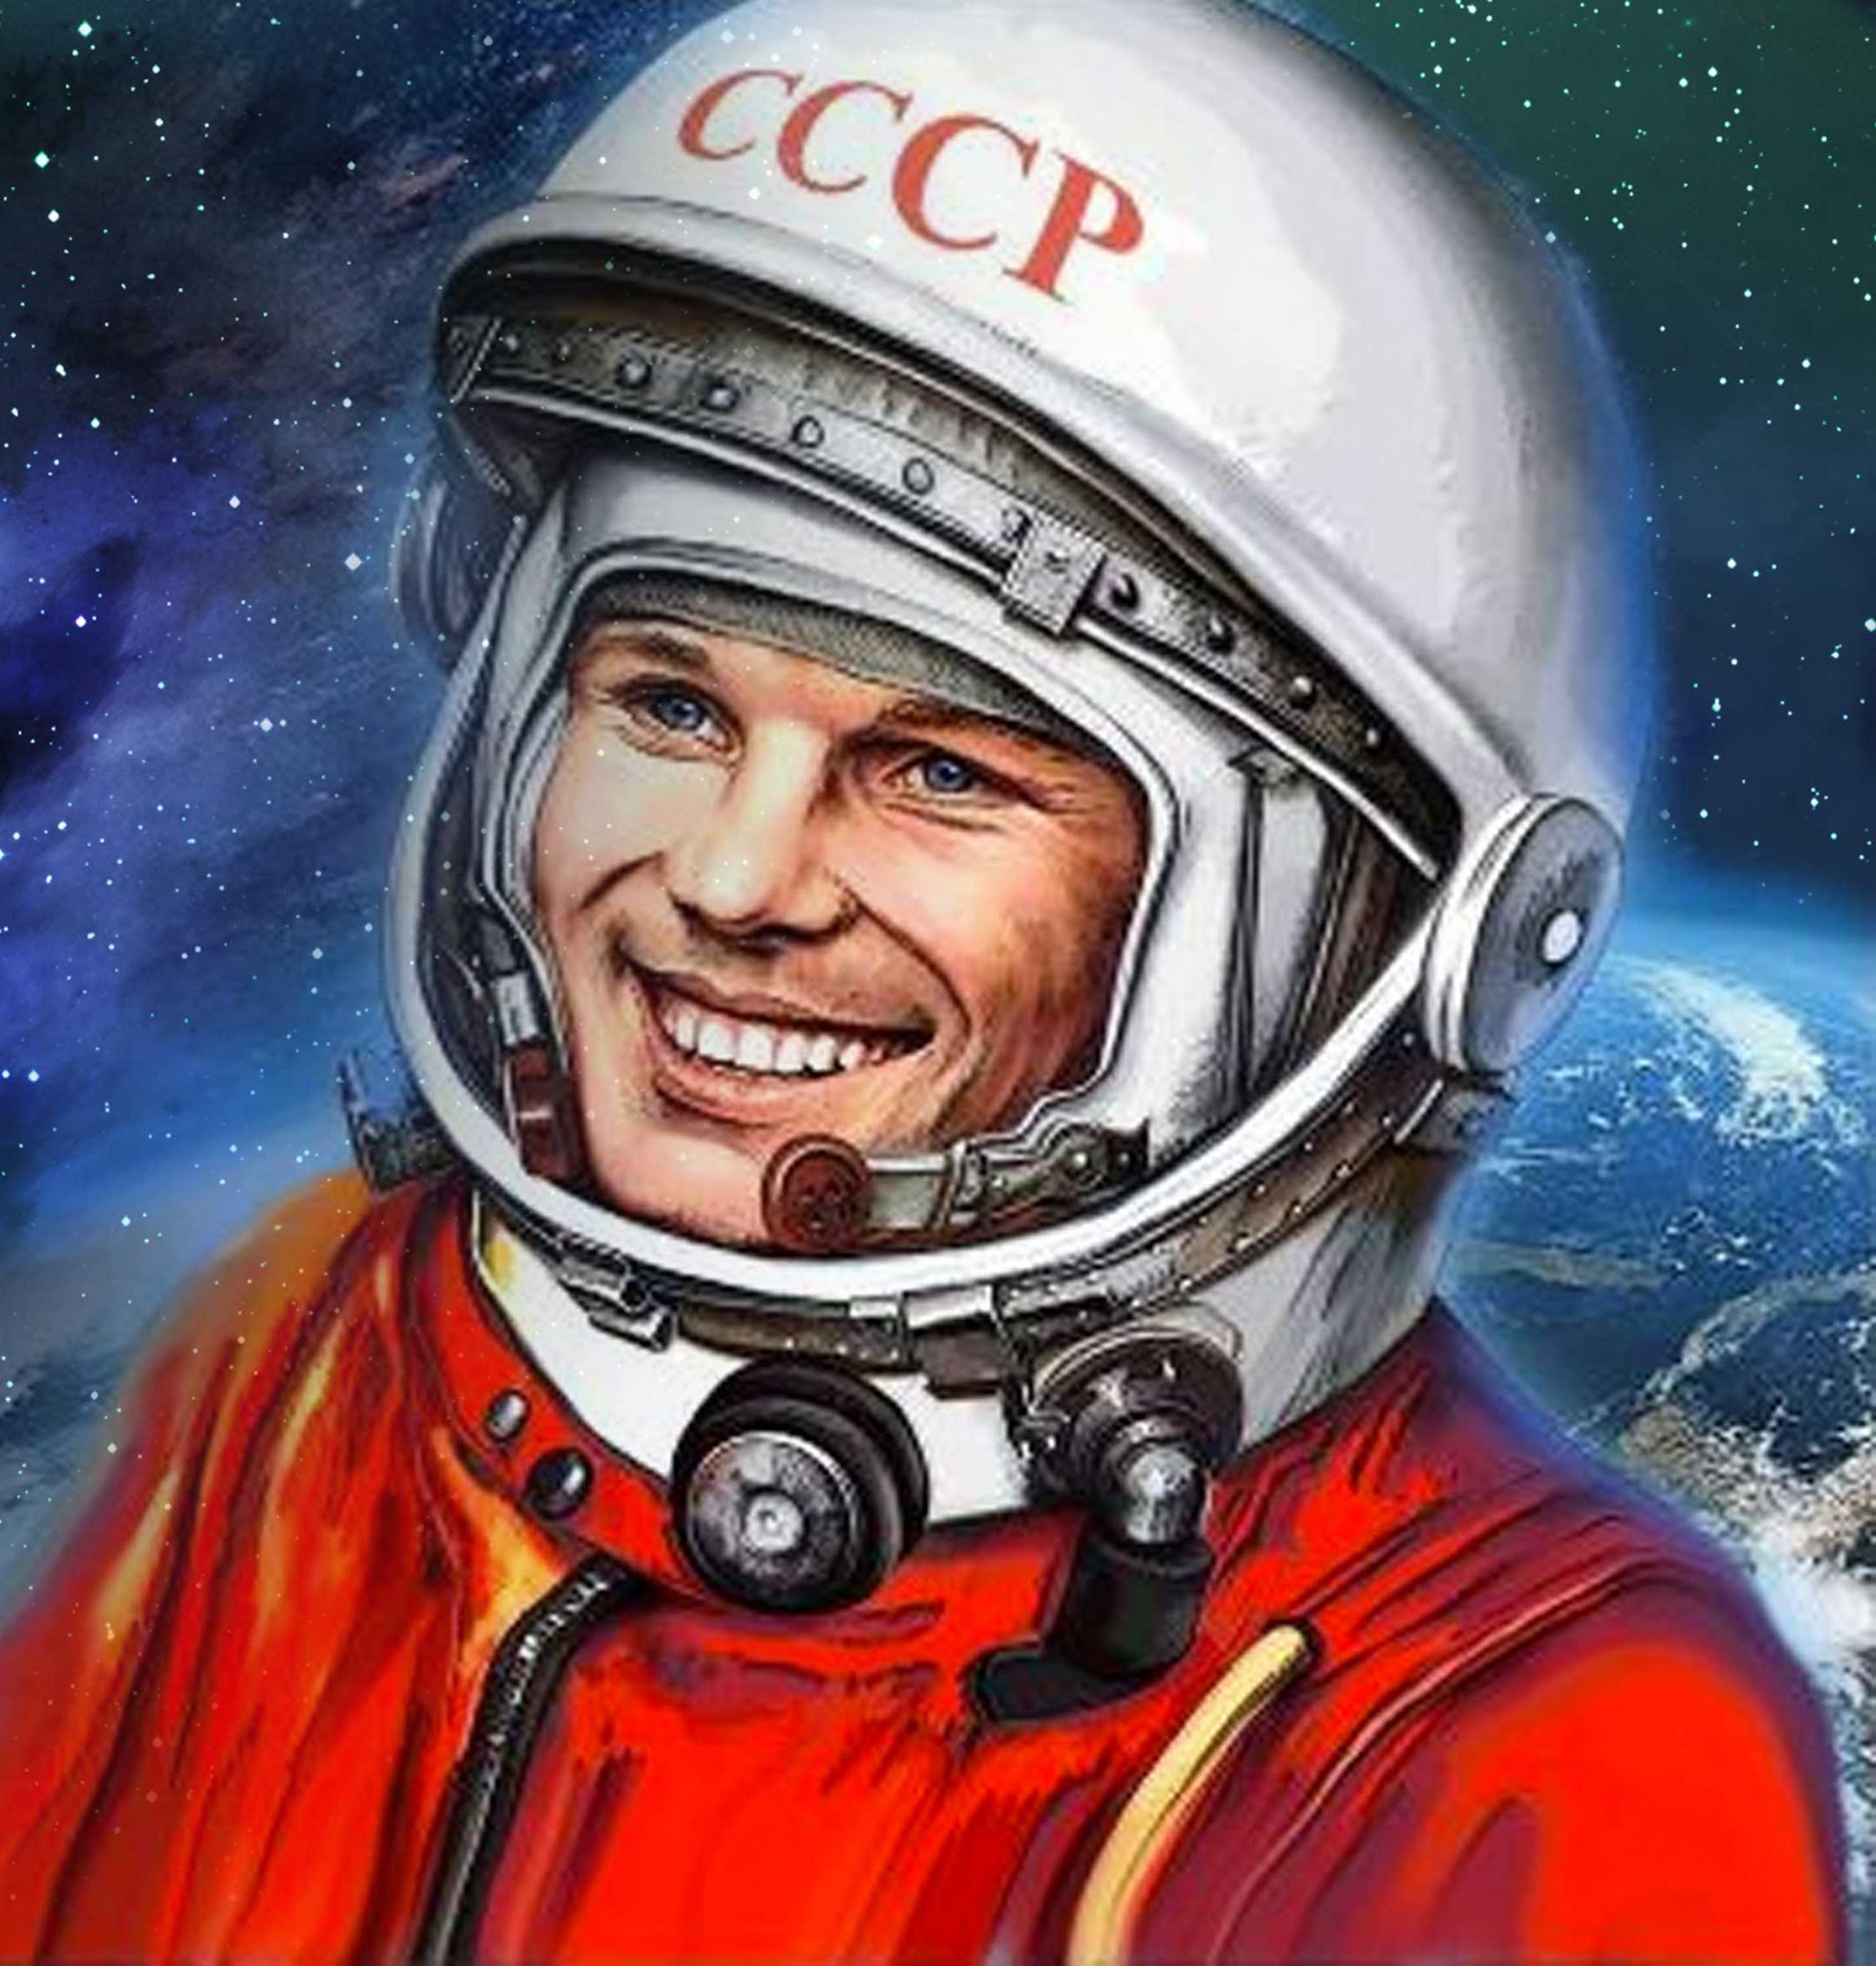 Гагарин картинка цветная